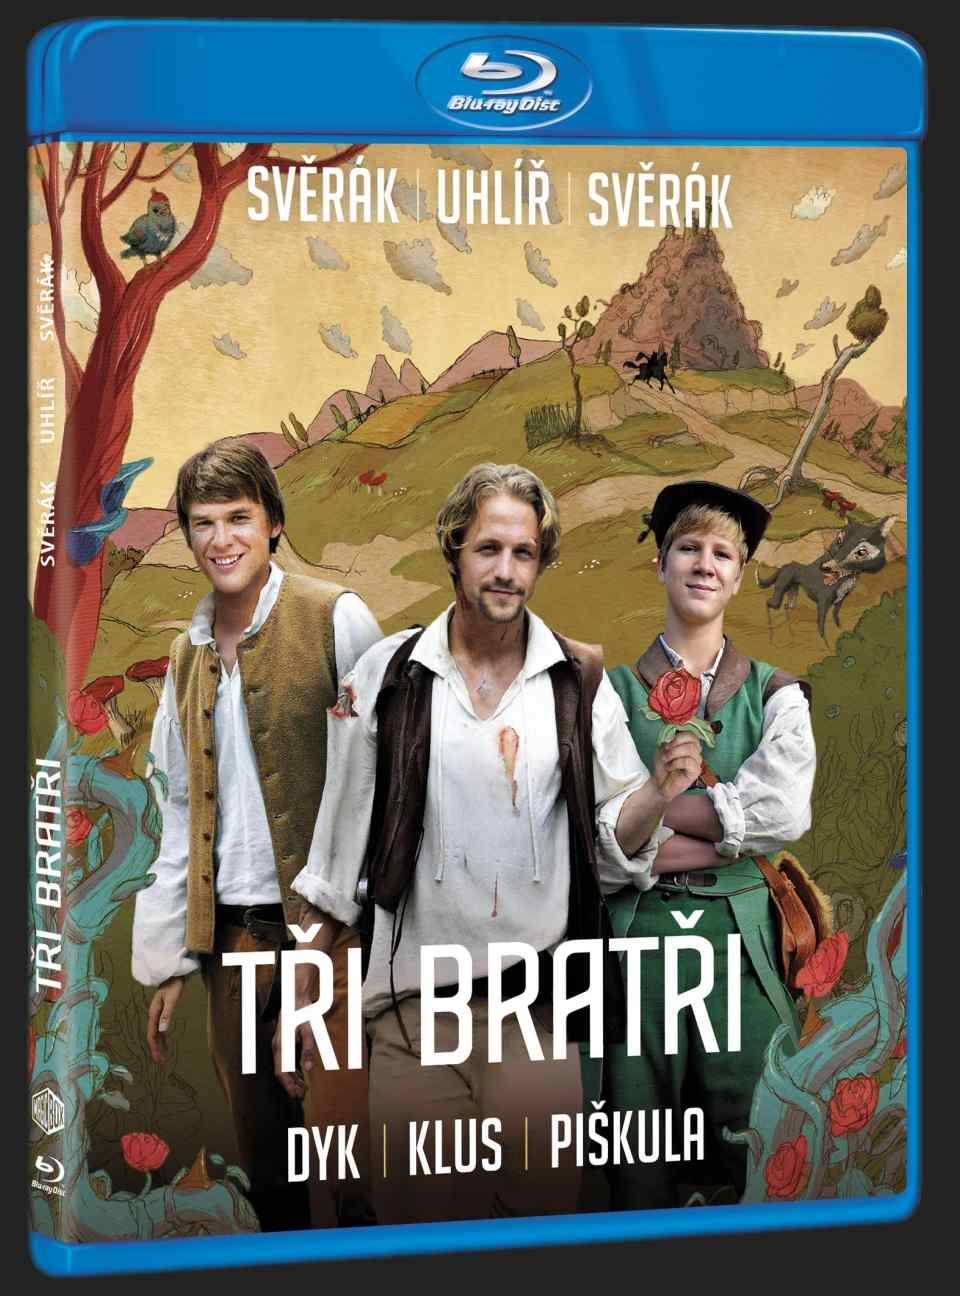 TŘI BRATŘI - Blu-ray